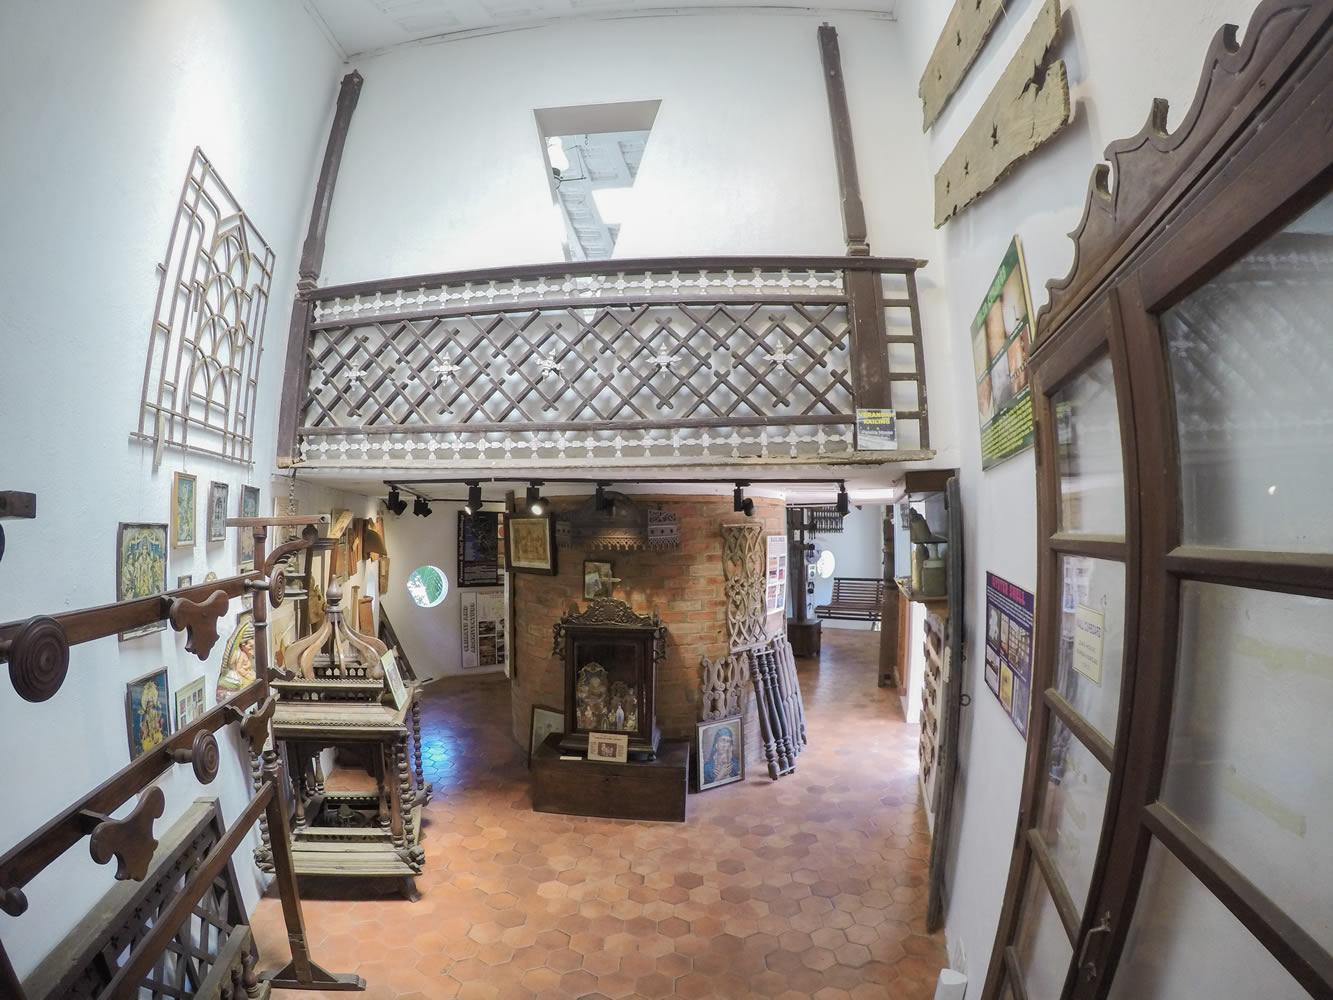 معماری هندو پرتغالی در موزه خانه گوا